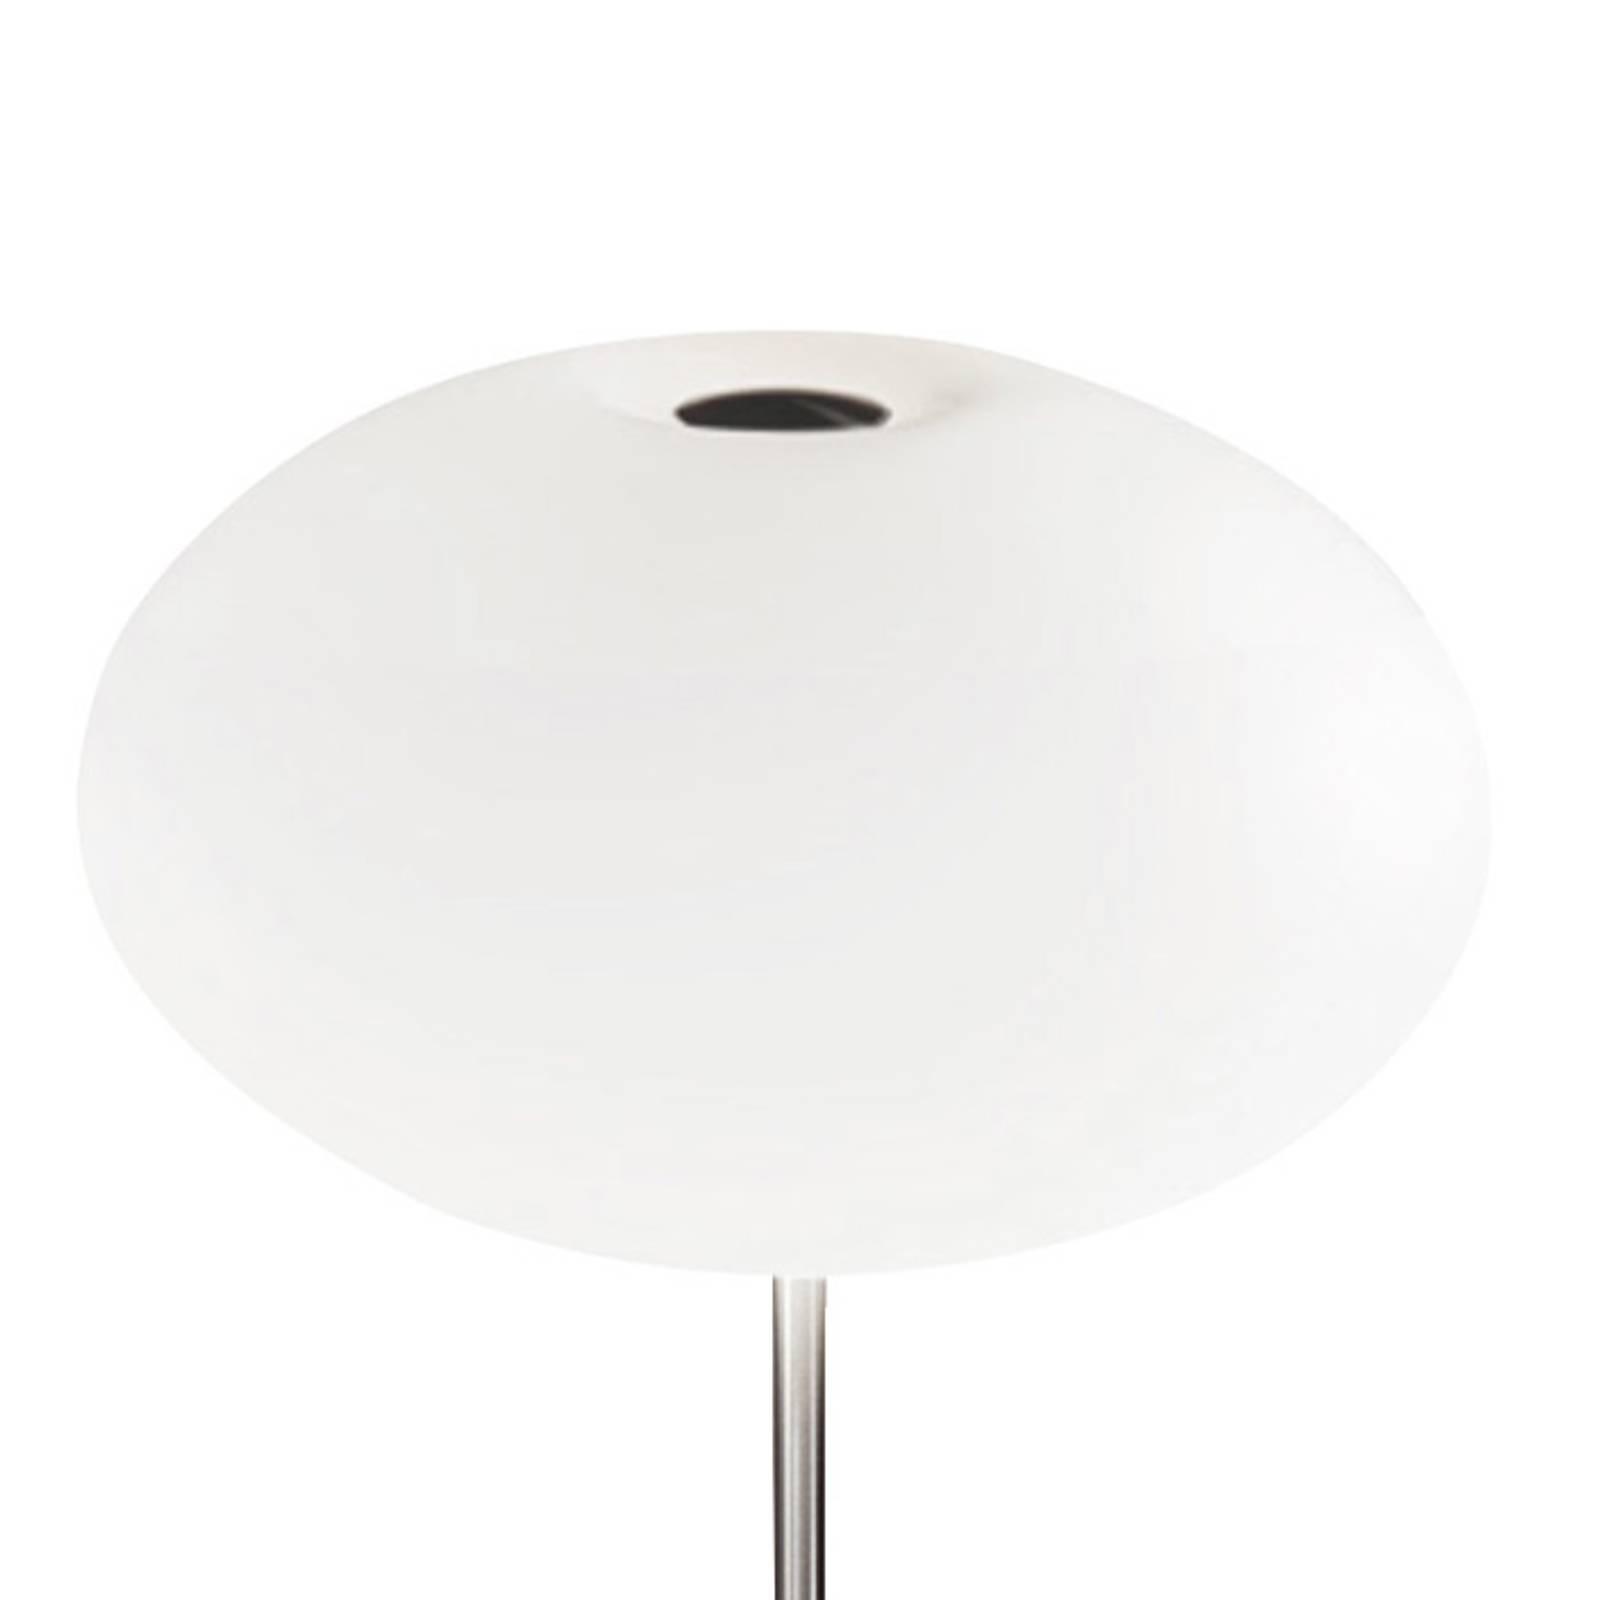 Casablanca Aih tafellamp, Ø 28cm wit mat